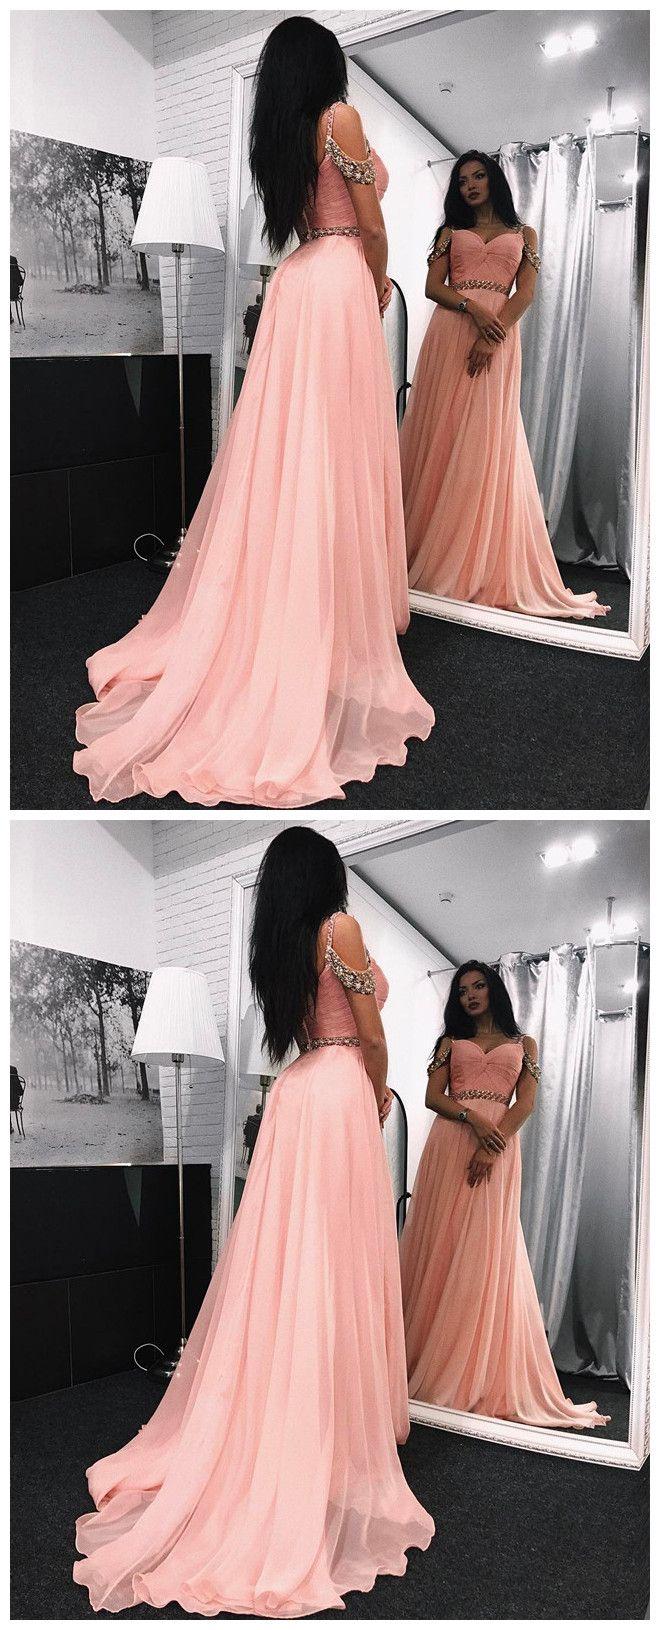 LetaaaS | Dresses | Pinterest | Vestiditos, Vestidos de fiesta y ...